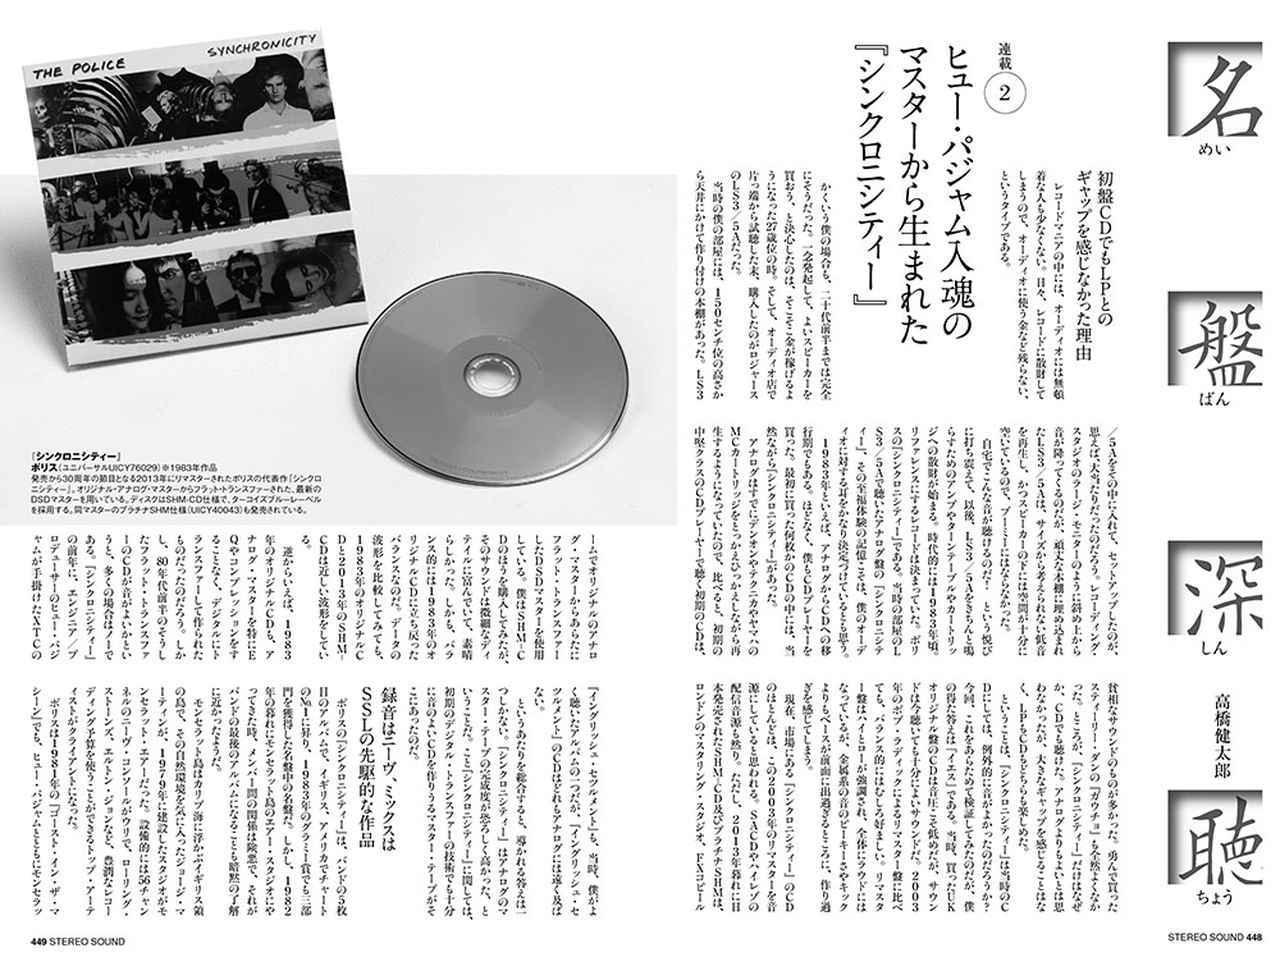 画像: 「ステレオサウンド」の人気連載を再現! 高橋健太郎さん&山本浩司さんによる「名盤深聴」LOUNGEイベント第5回が12月2日に開催。申込みはお早めに